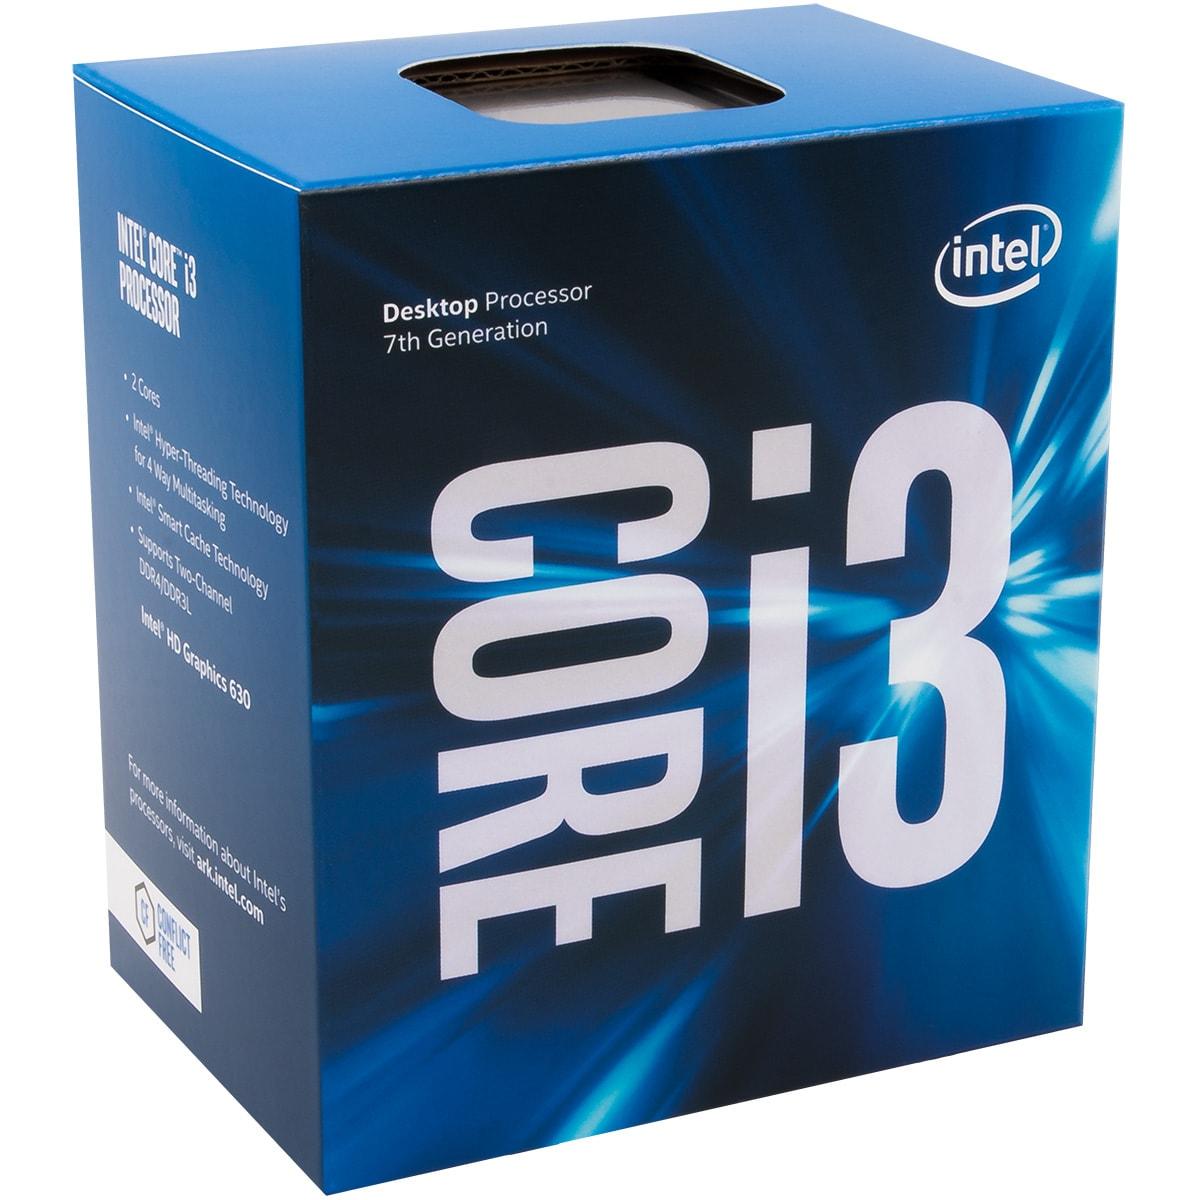 Intel Core i3 7100 - 3.9GHz - Processeur Intel - Cybertek.fr - 0